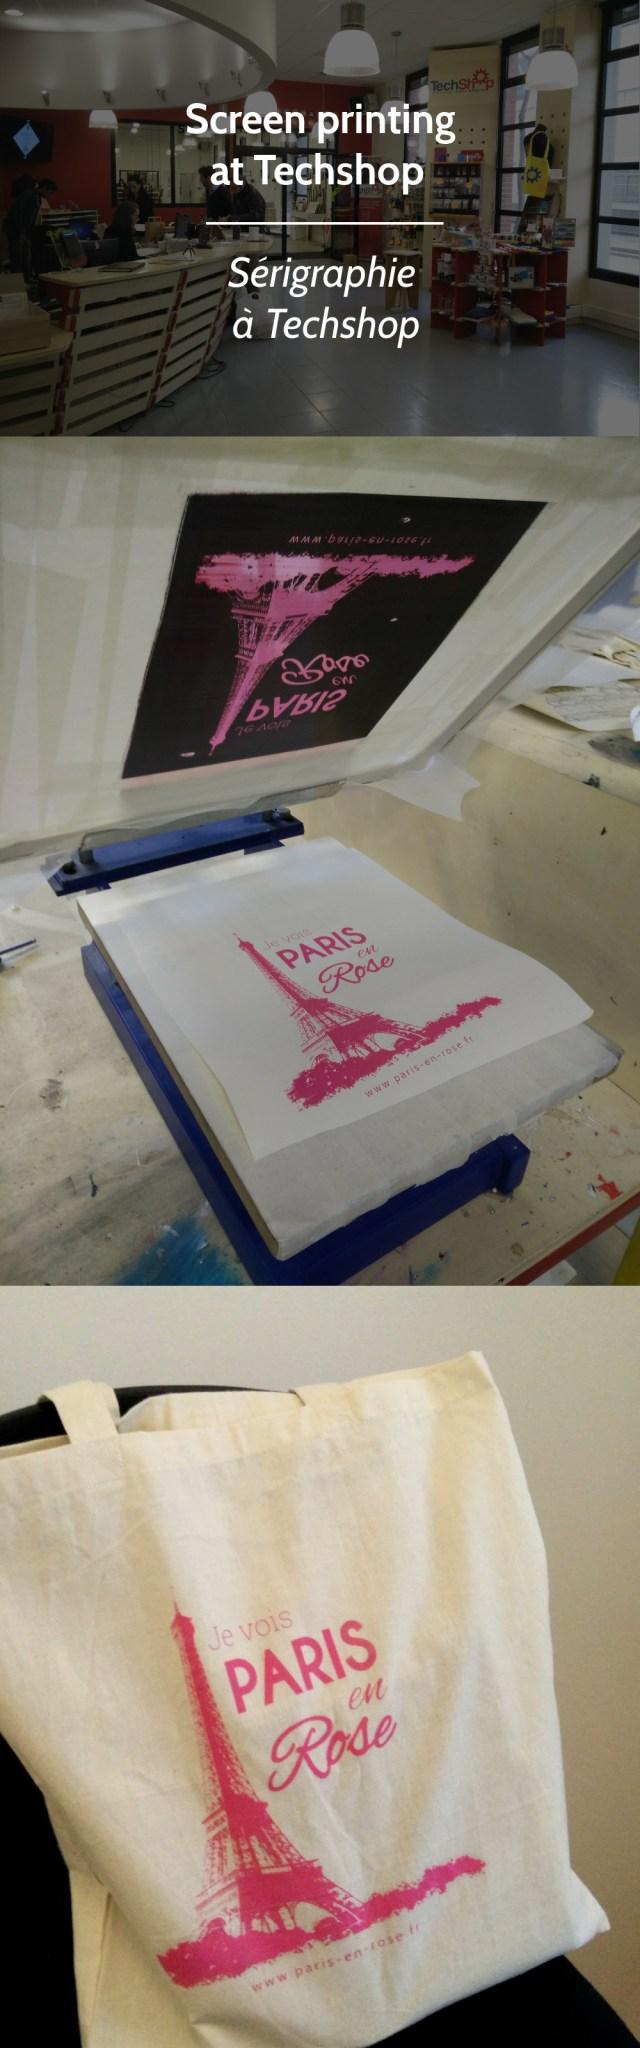 Screen printing at Techshop